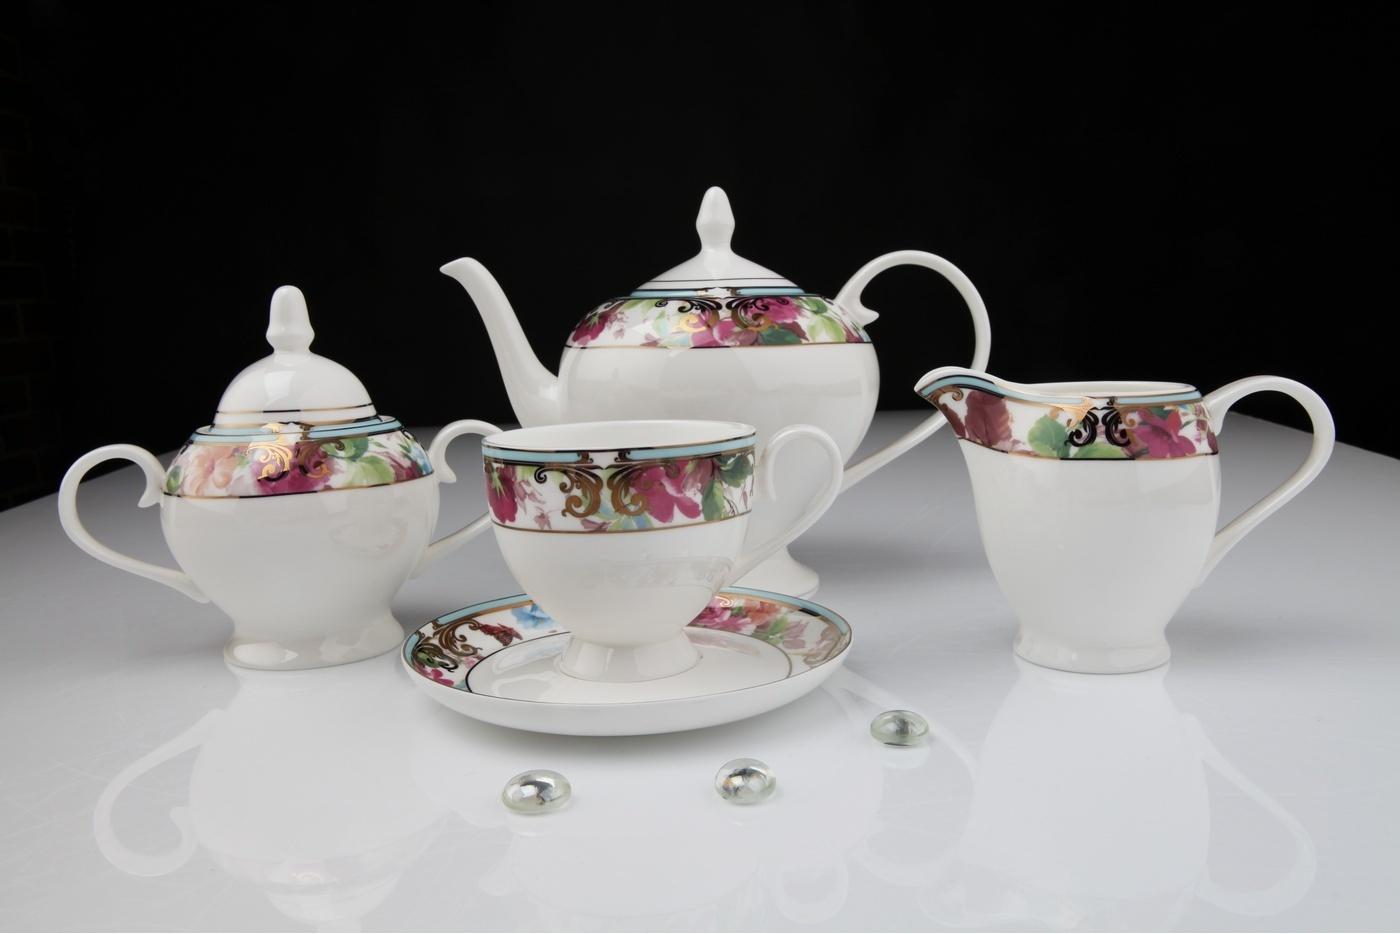 Чайный сервиз Royal Aurel Цветущий сад арт.125, 15 предметовСкидки на товары для кухни<br>Чайный сервиз Royal Aurel Цветущий сад арт.125, 15 предметов<br><br><br><br><br><br><br><br><br><br><br>Чашка 270 мл,6 шт.<br>Блюдце 15 см,6 шт.<br>Чайник 1100 мл<br>Сахарница 370 мл<br><br><br><br><br><br><br><br><br>Молочник 300 мл<br><br><br><br><br><br><br><br><br>Производить посуду из фарфора начали в Китае на стыке 6-7 веков. Неустанно совершенствуя и селективно отбирая сырье для производства посуды из фарфора, мастерам удалось добиться выдающихся характеристик фарфора: белизны и тонкостенности. В XV веке появился особый интерес к китайской фарфоровой посуде, так как в это время Европе возникла мода на самобытные китайские вещи. Роскошный китайский фарфор являлся изыском и был в новинку, поэтому он выступал в качестве подарка королям, а также знатным людям. Такой дорогой подарок был очень престижен и по праву являлся элитной посудой. Как известно из многочисленных исторических документов, в Европе китайские изделия из фарфора ценились практически как золото. <br>Проверка изделий из костяного фарфора на подлинность <br>По сравнению с производством других видов фарфора процесс производства изделий из настоящего костяного фарфора сложен и весьма длителен. Посуда из изящного фарфора - это элитная посуда, которая всегда ассоциируется с богатством, величием и благородством. Несмотря на небольшую толщину, фарфоровая посуда - это очень прочное изделие. Для демонстрации плотности и прочности фарфора можно легко коснуться предметов посуды из фарфора деревянной палочкой, и тогда мы услушим характерный металлический звон. В составе фарфоровой посуды присутствует костяная зола, благодаря чему она может быть намного тоньше (не более 2,5 мм) и легче твердого или мягкого фарфора. Безупречная белизна - ключевой признак отличия такого фарфора от других. Цвет обычного фарфора сероватый или ближе к голубоватому, а костяной фарфор будет всегда будет молочно-белого цвета. Характерная и немалов